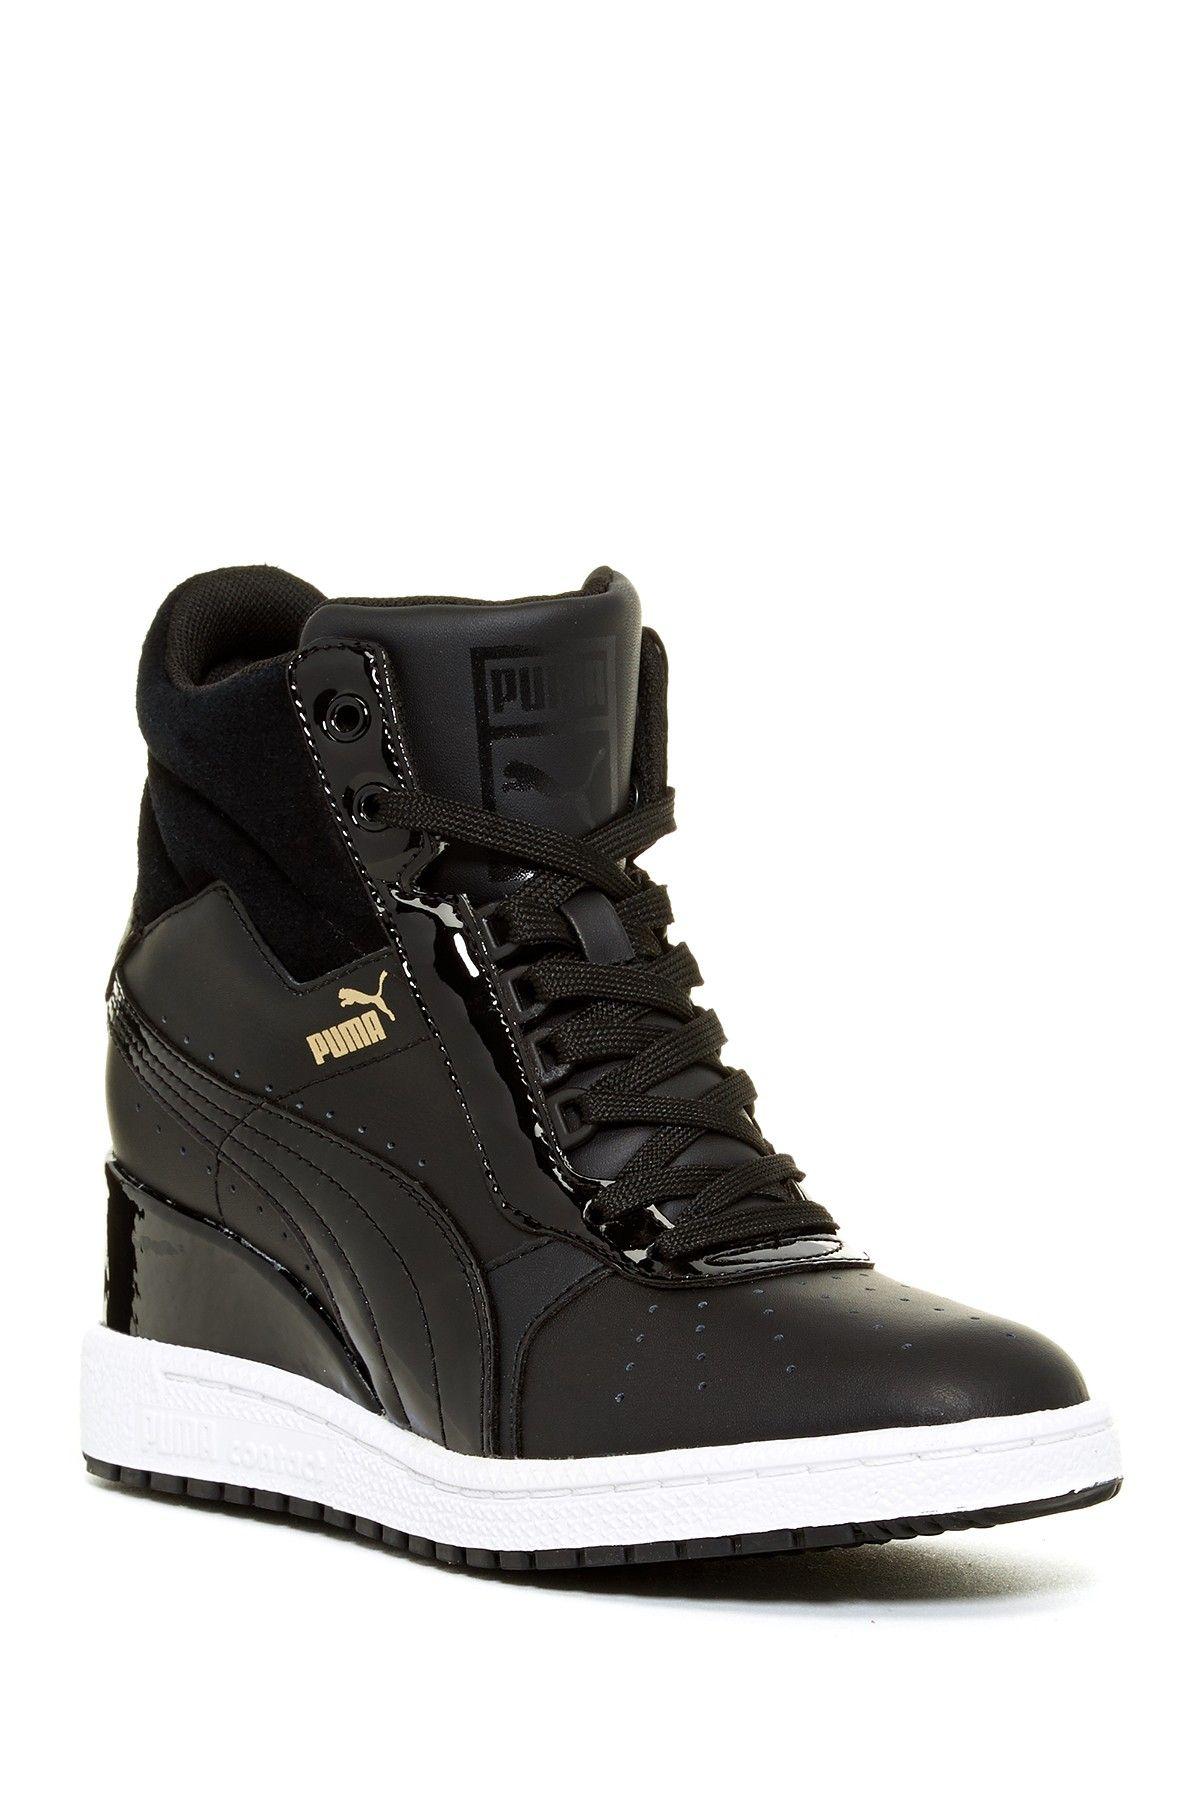 Puma женская обувь и одежда